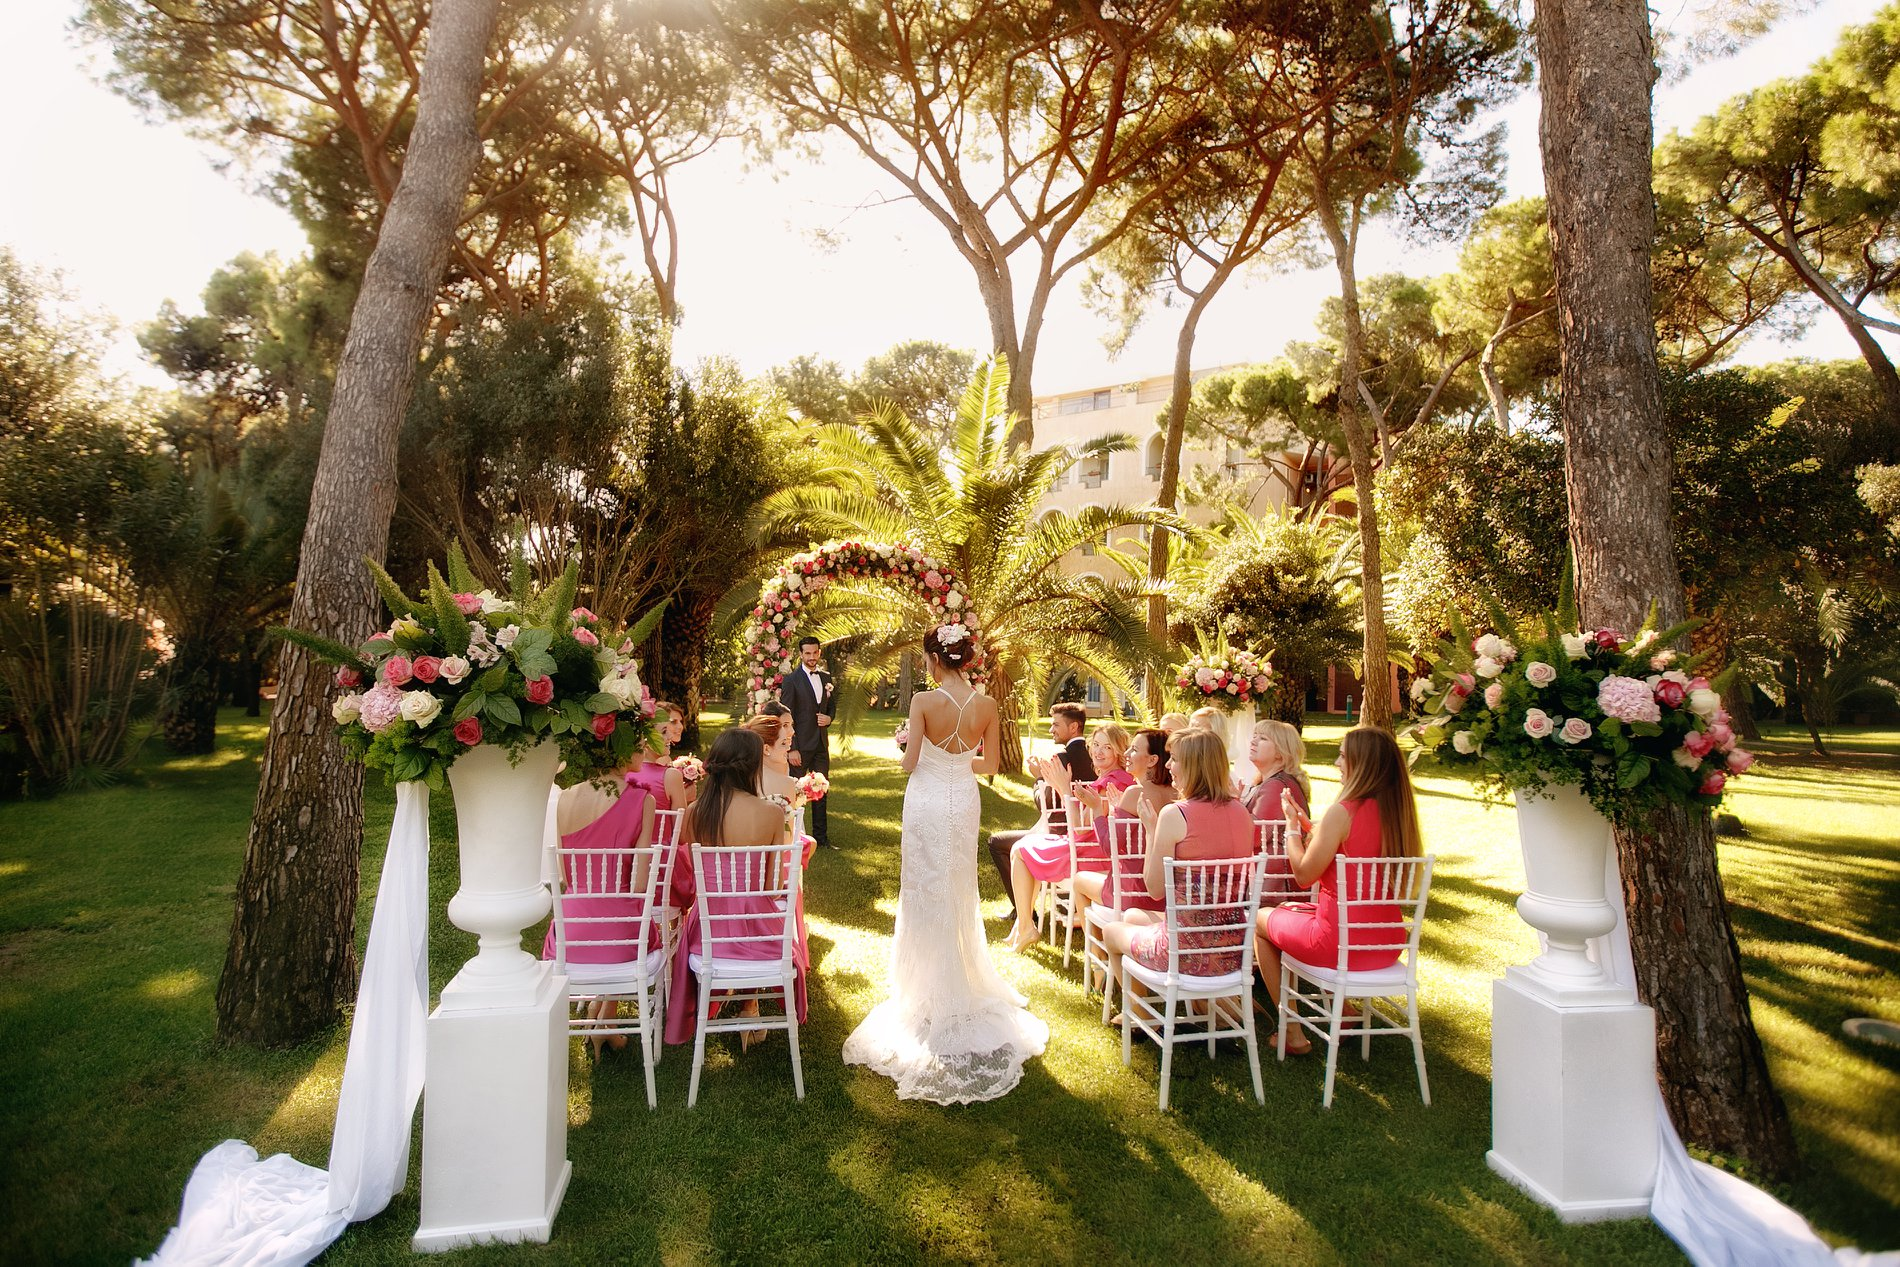 angelo garini accoglienza e ospitalità per un matrimonio perfetto